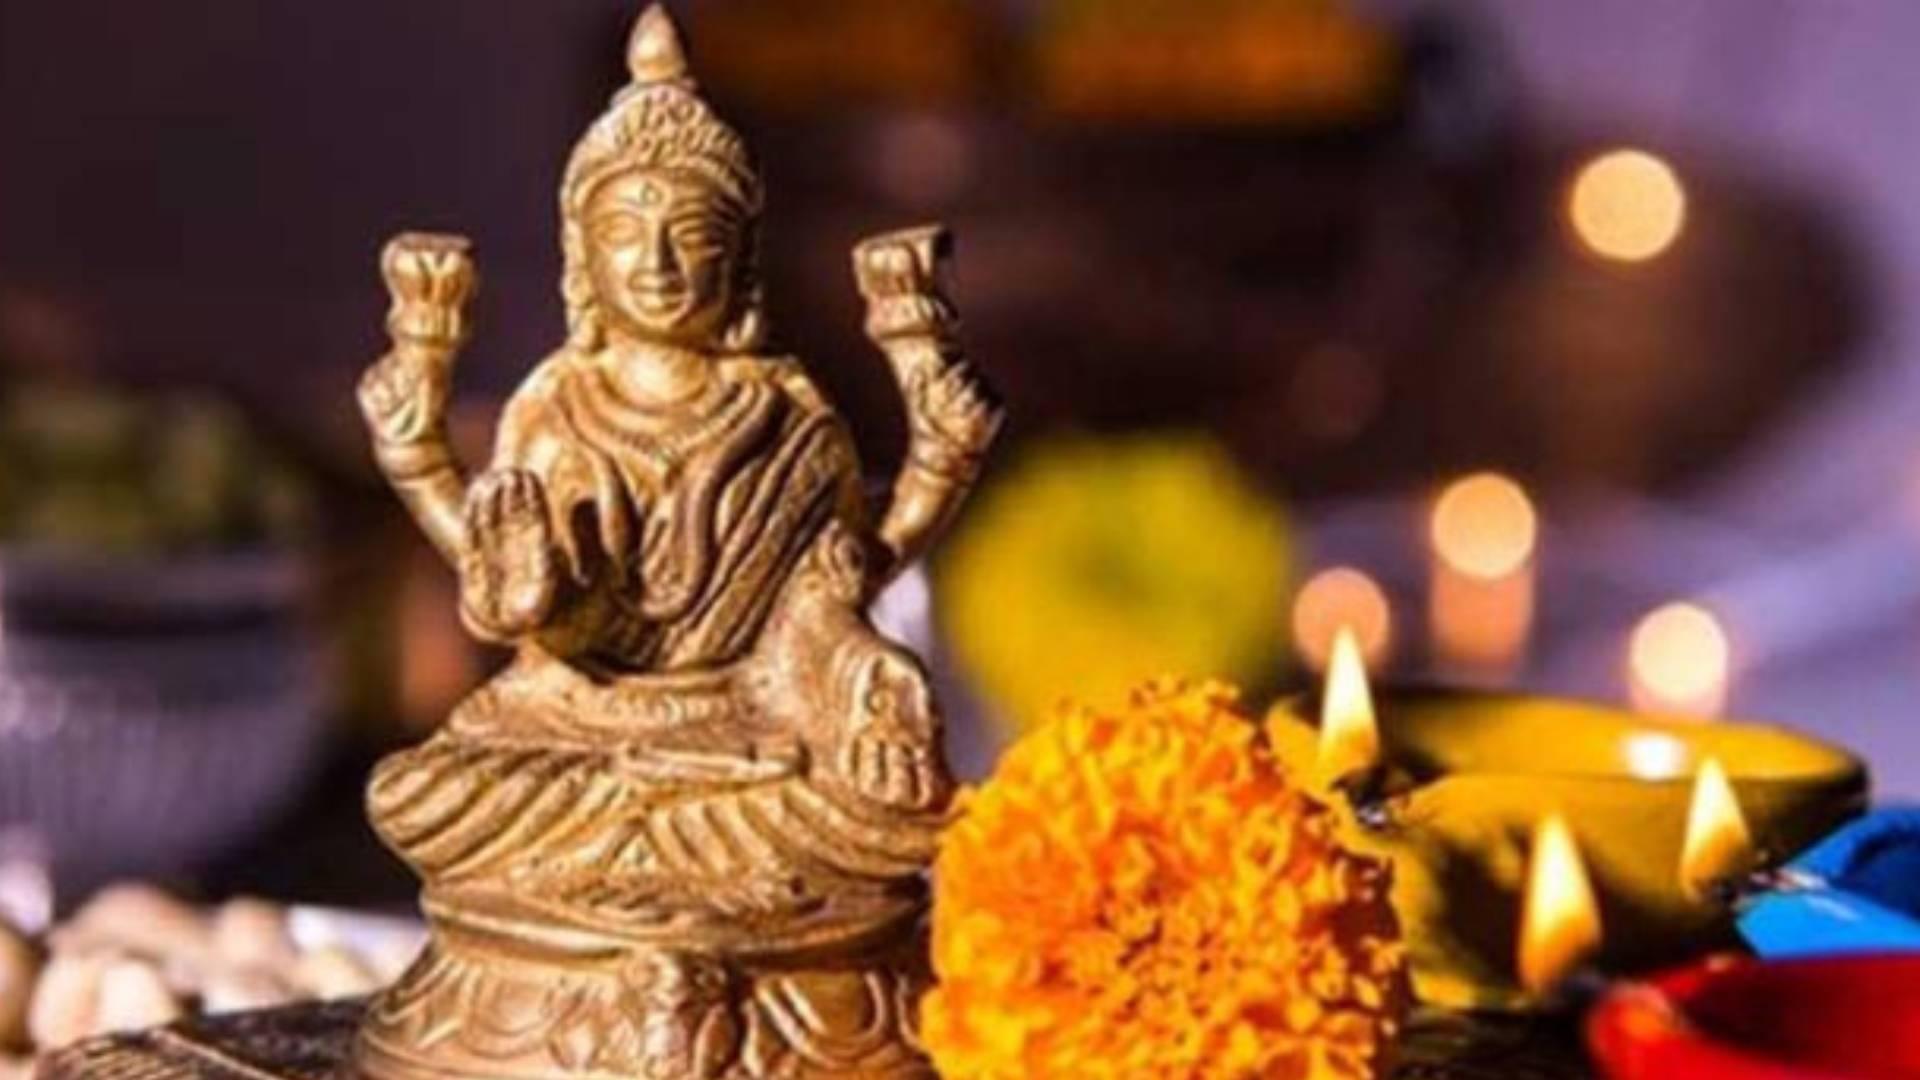 Diwali 2019 Shubh Muhurat: मां लक्ष्मी की पूजा का जानिए सही शुभ मुहूर्त, भूलकर भी ना करें इस दिन ये 5 गलतियां